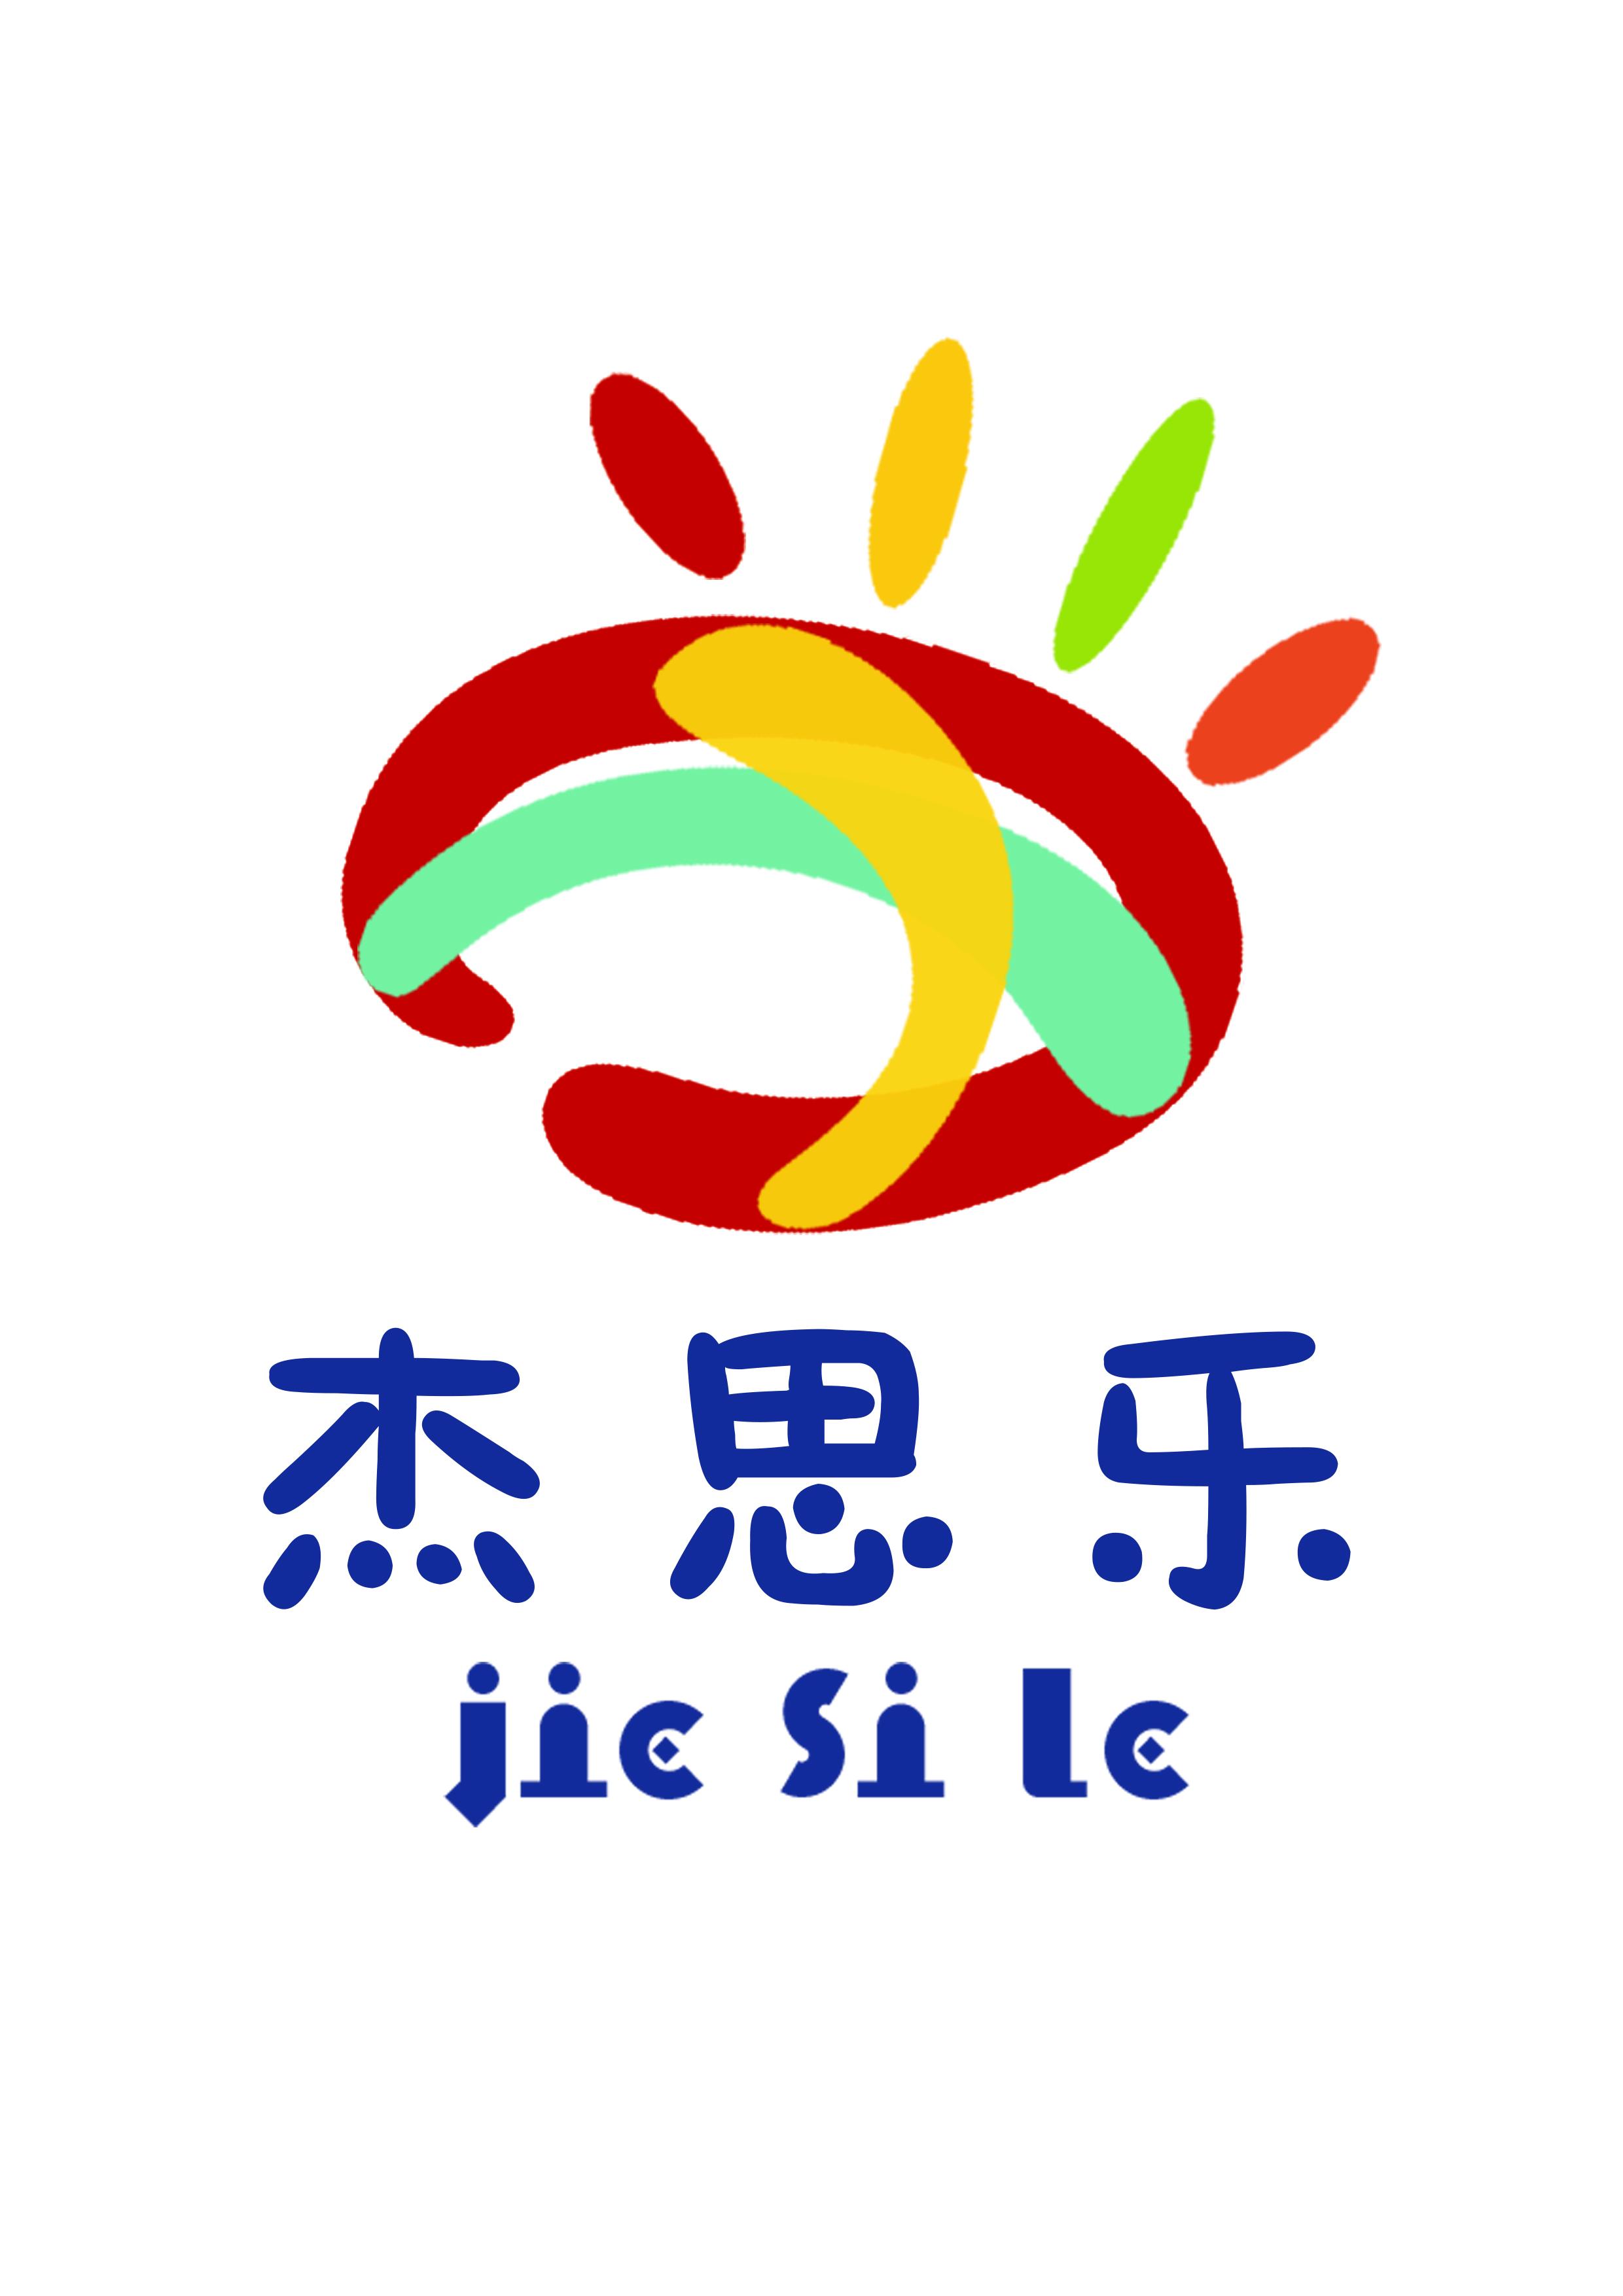 深圳市杰思乐艺术培训有限公司